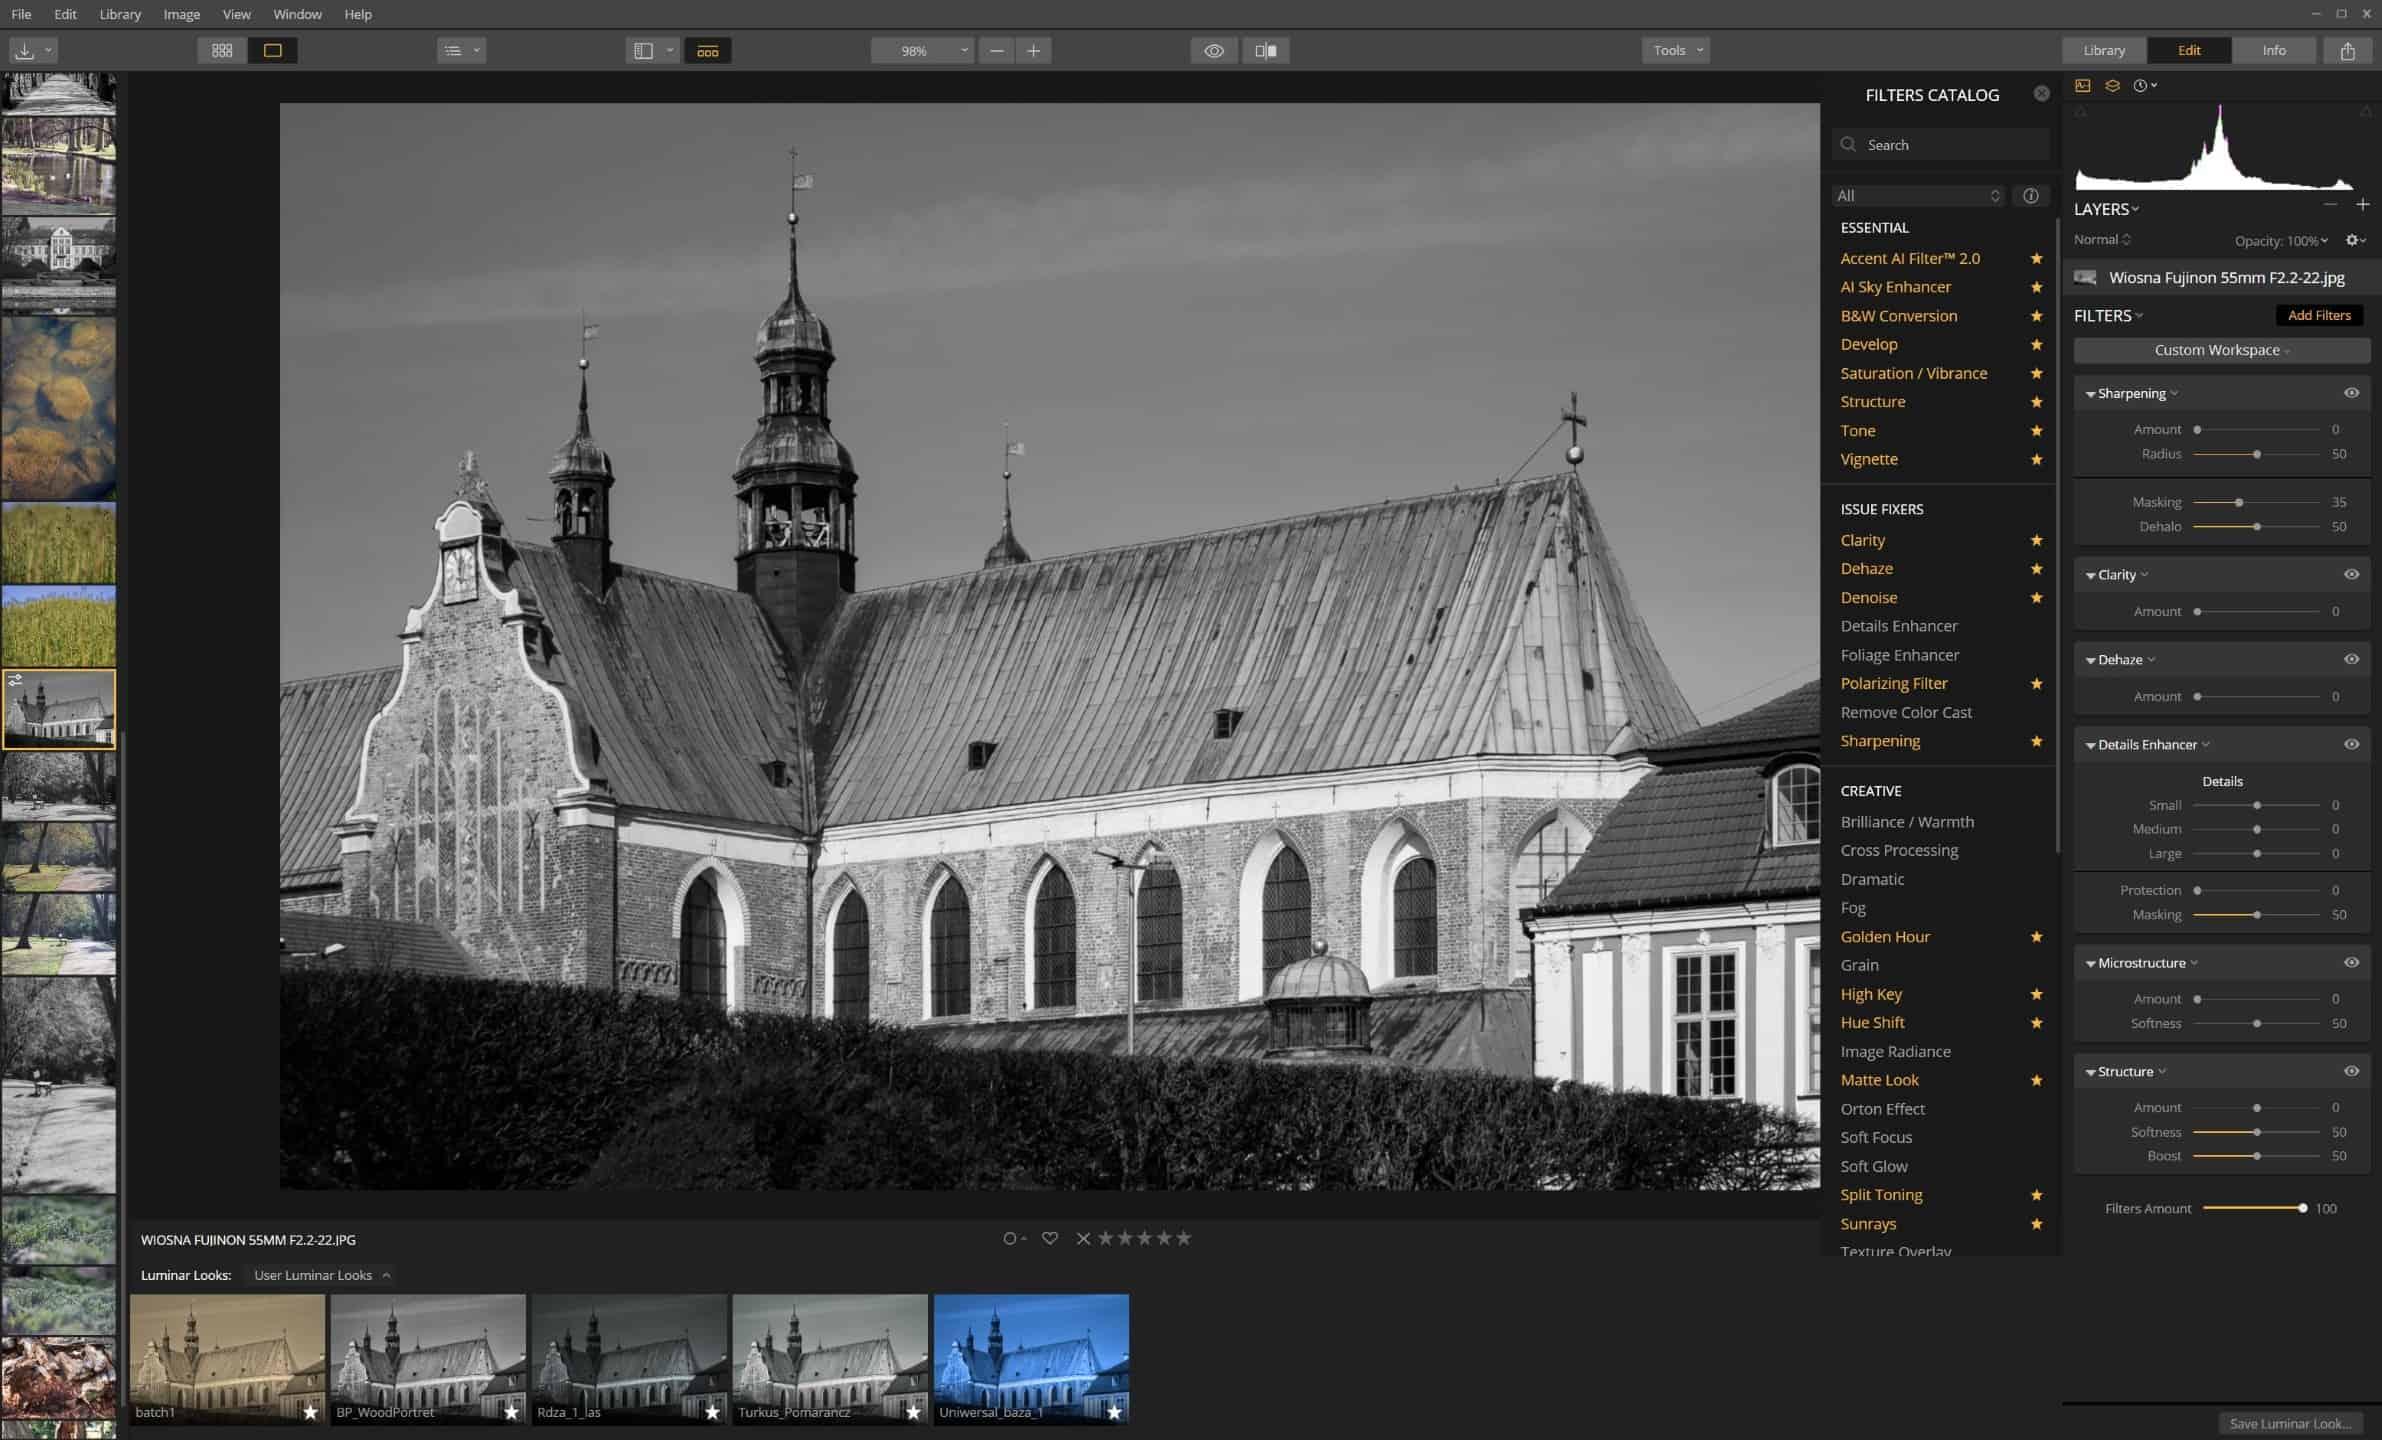 Jak wyostrzyć zdjęcie - Luminar - przykład wszystkich narzędzi i filtrów